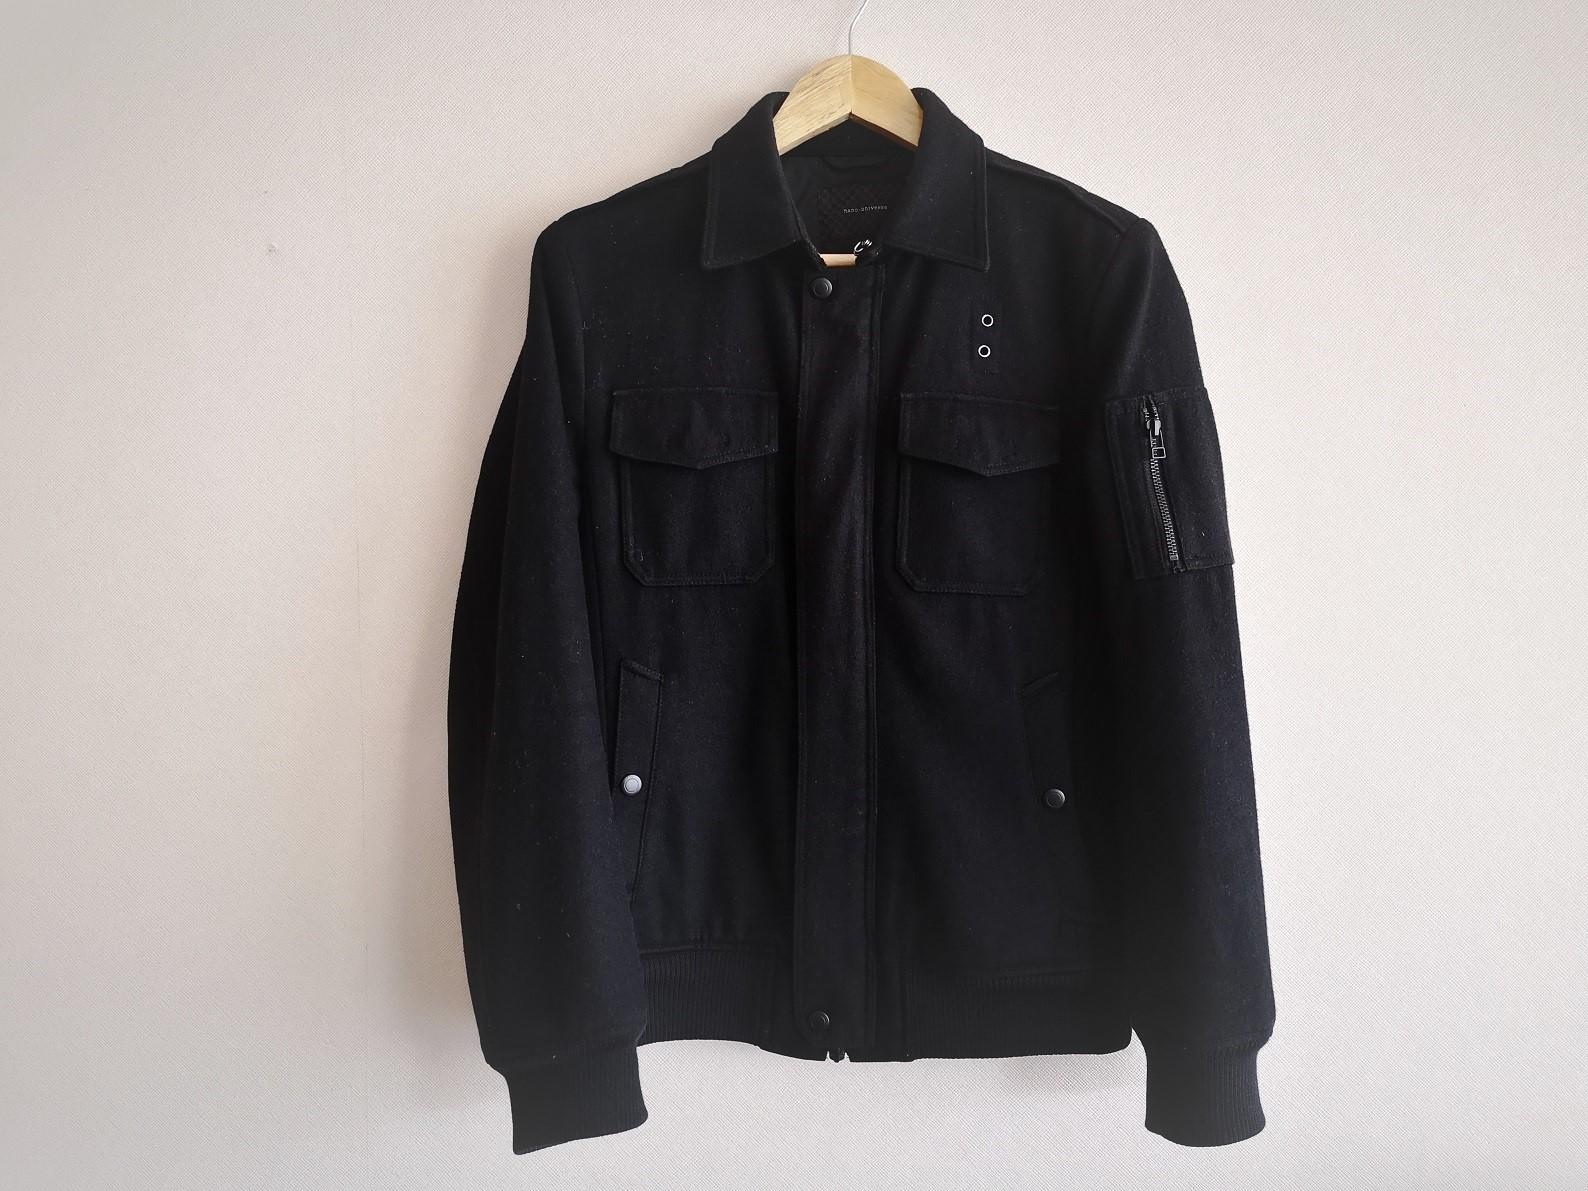 ナノ・ユニバースの黒ジャケット